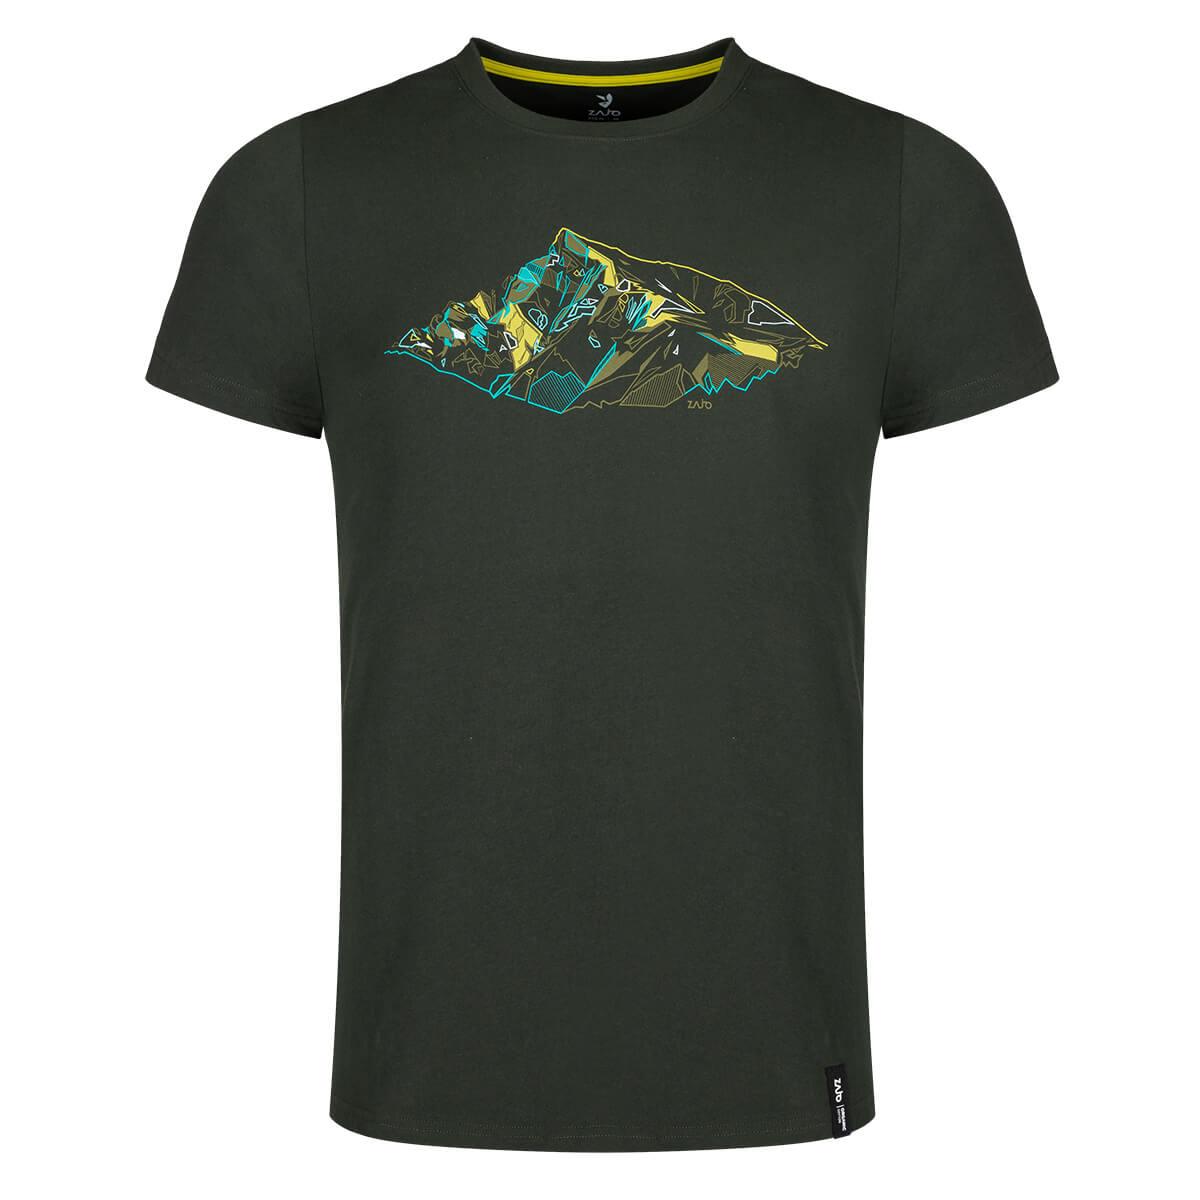 ZAJO Bormio T-Shirt SS pánske tričko Climbing Ivy Peak - veľkosť S